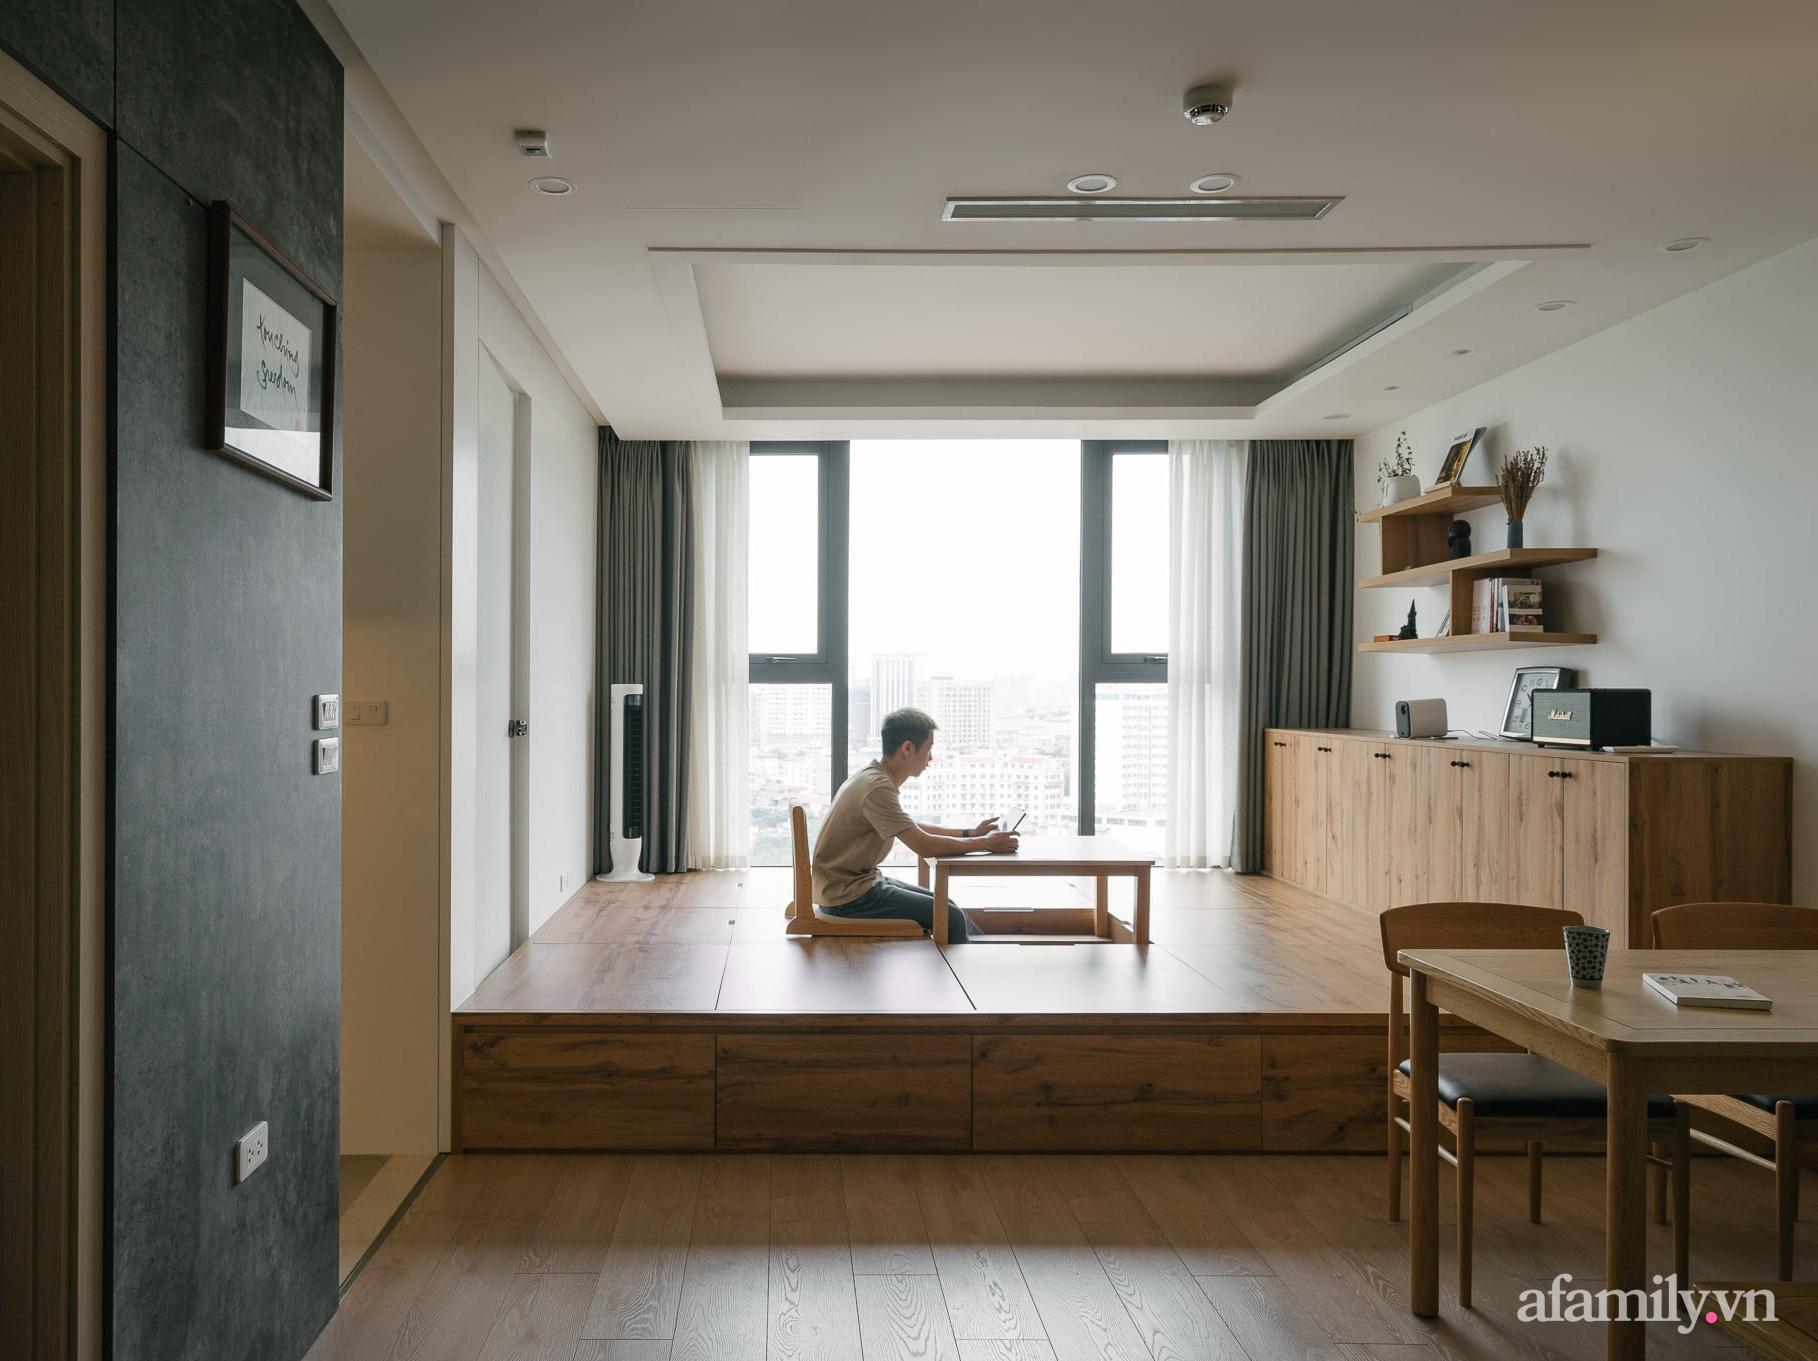 Sau 27 ngày cải tạo, chàng trai không nhận ra căn hộ 90m² của mình vì góc nào cũng xinh ở Giảng Võ, Hà Nội - Ảnh 1.